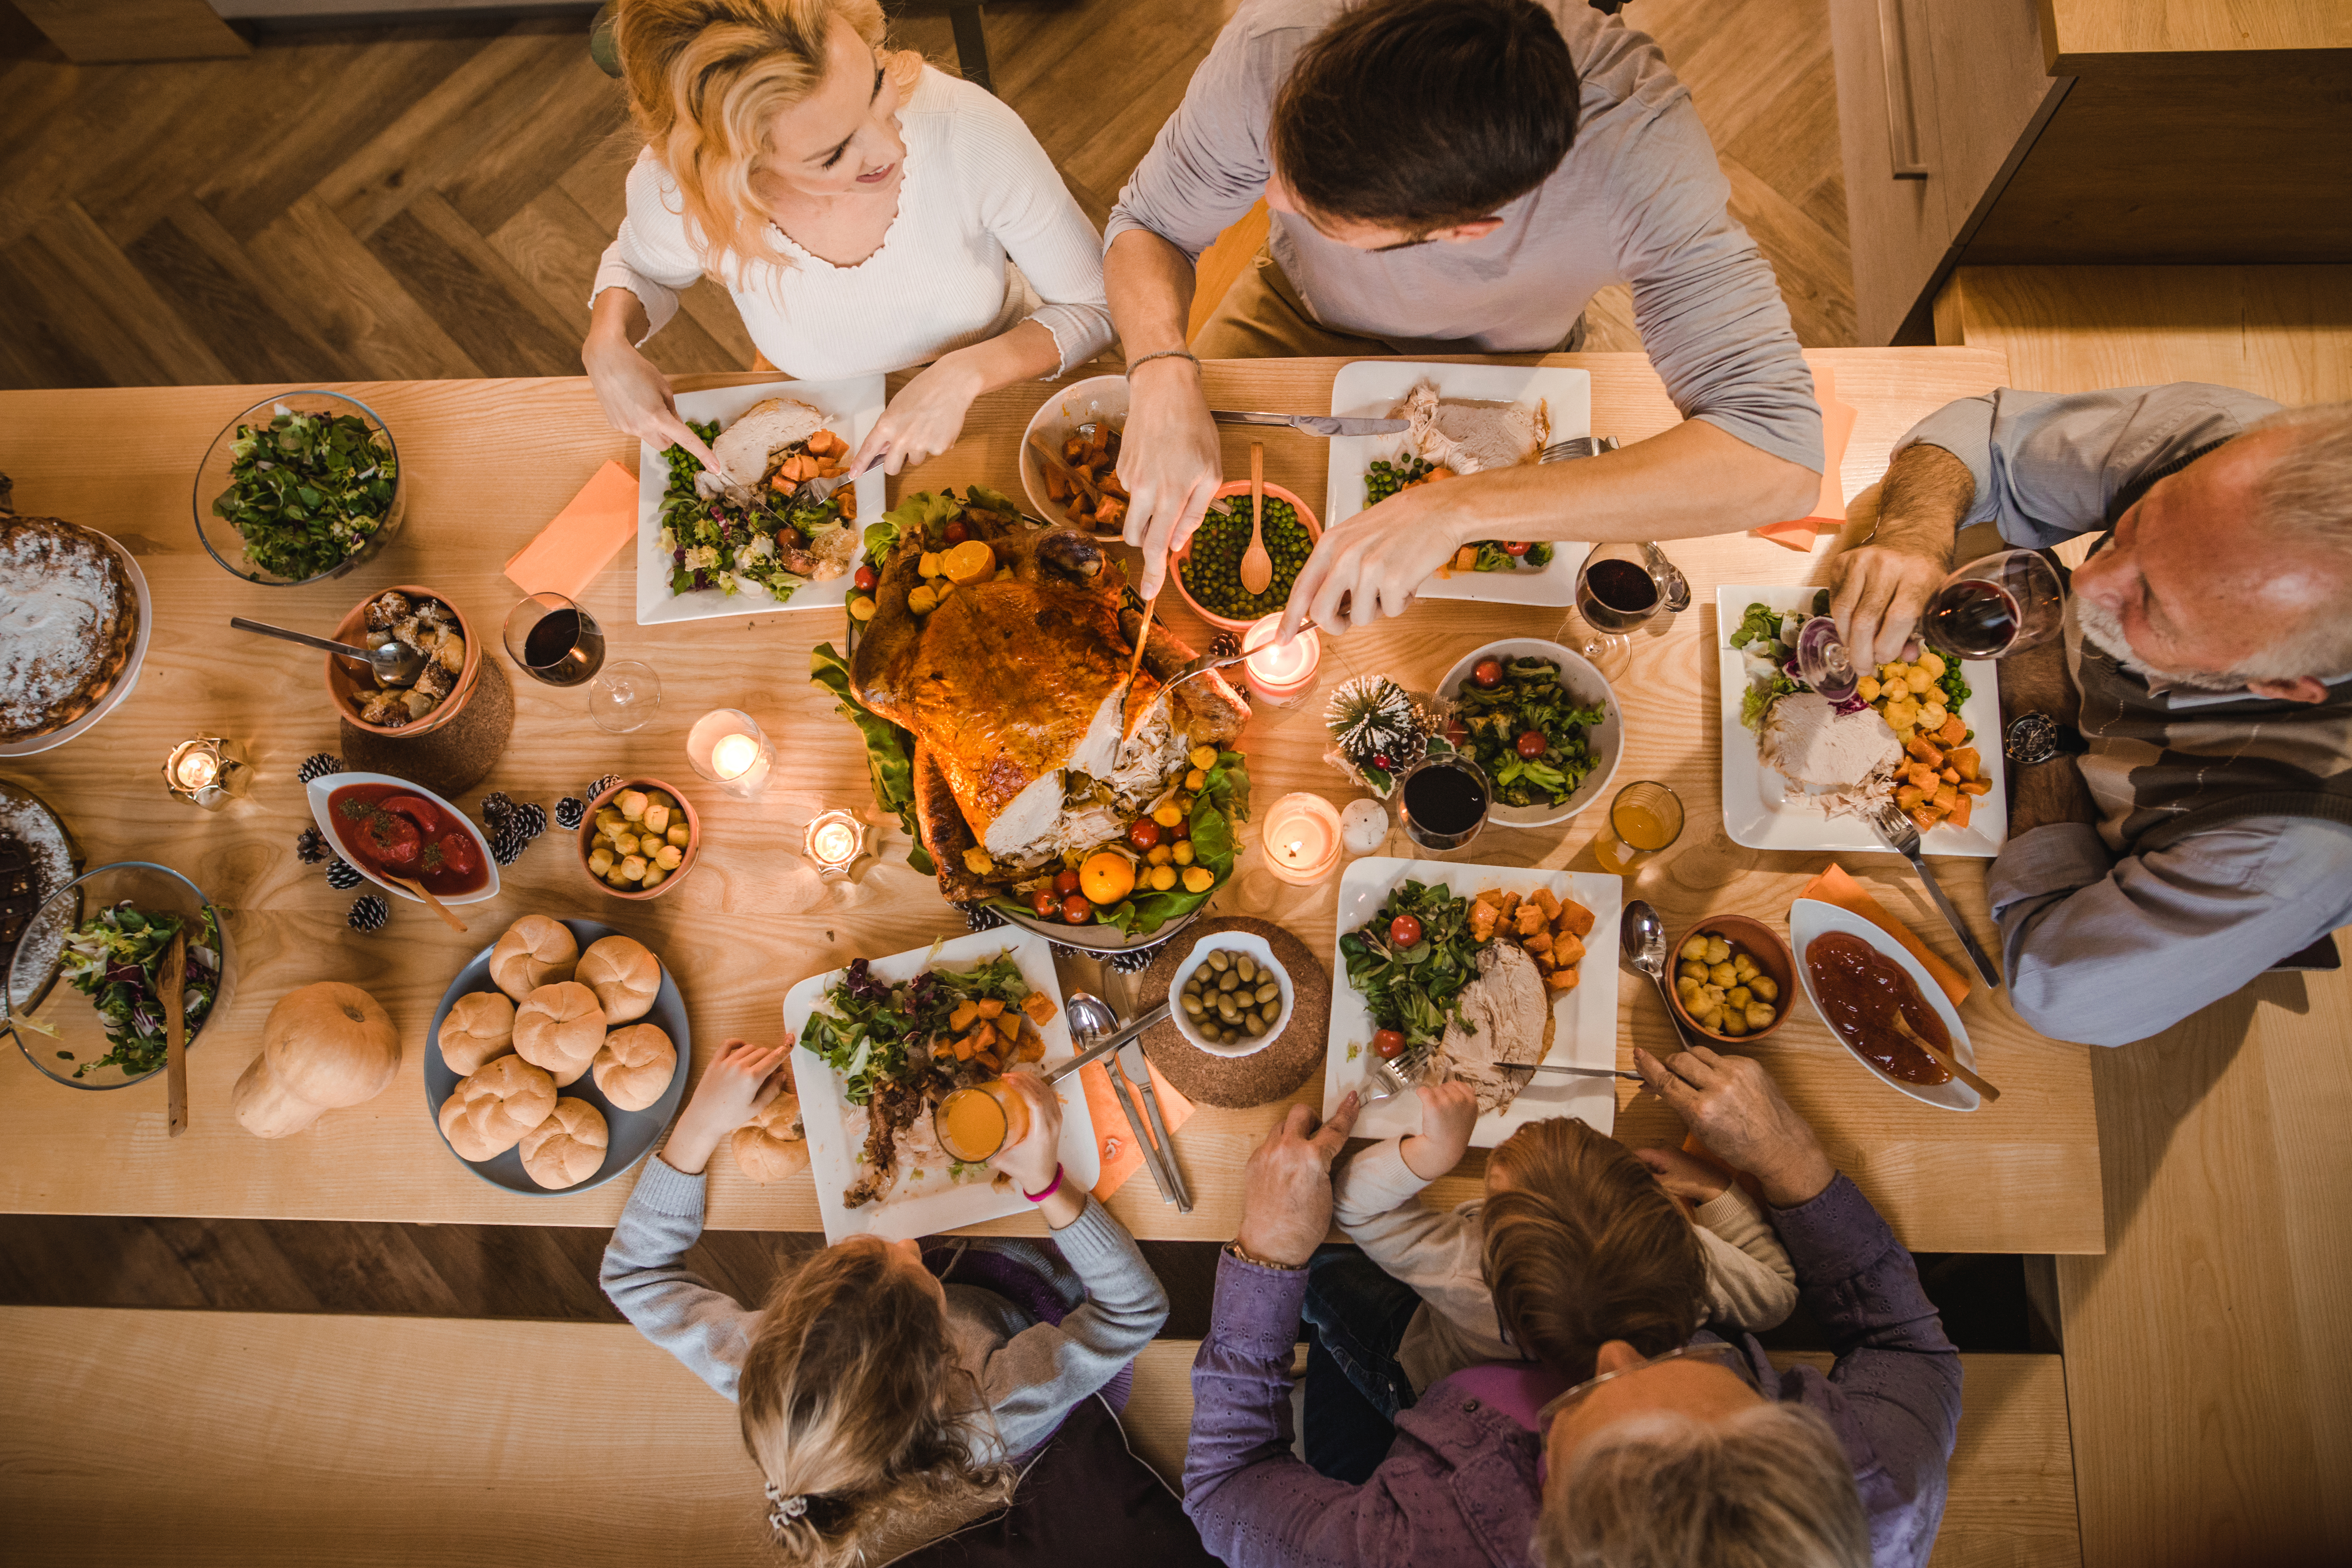 <p>Специалистът обърна внимание на печеното свинско, без което много хора&nbsp;не могат да си представят новогодишната трапеза. &ldquo;Заменяме свинското месо със заешко или пуешко месо. Накисваме го с горчица и го поставяме във фурната&rdquo;, съветва тя. Според нея това ястие ще угоди както на вкуса, така и на грижата ни за талията.&nbsp;</p>